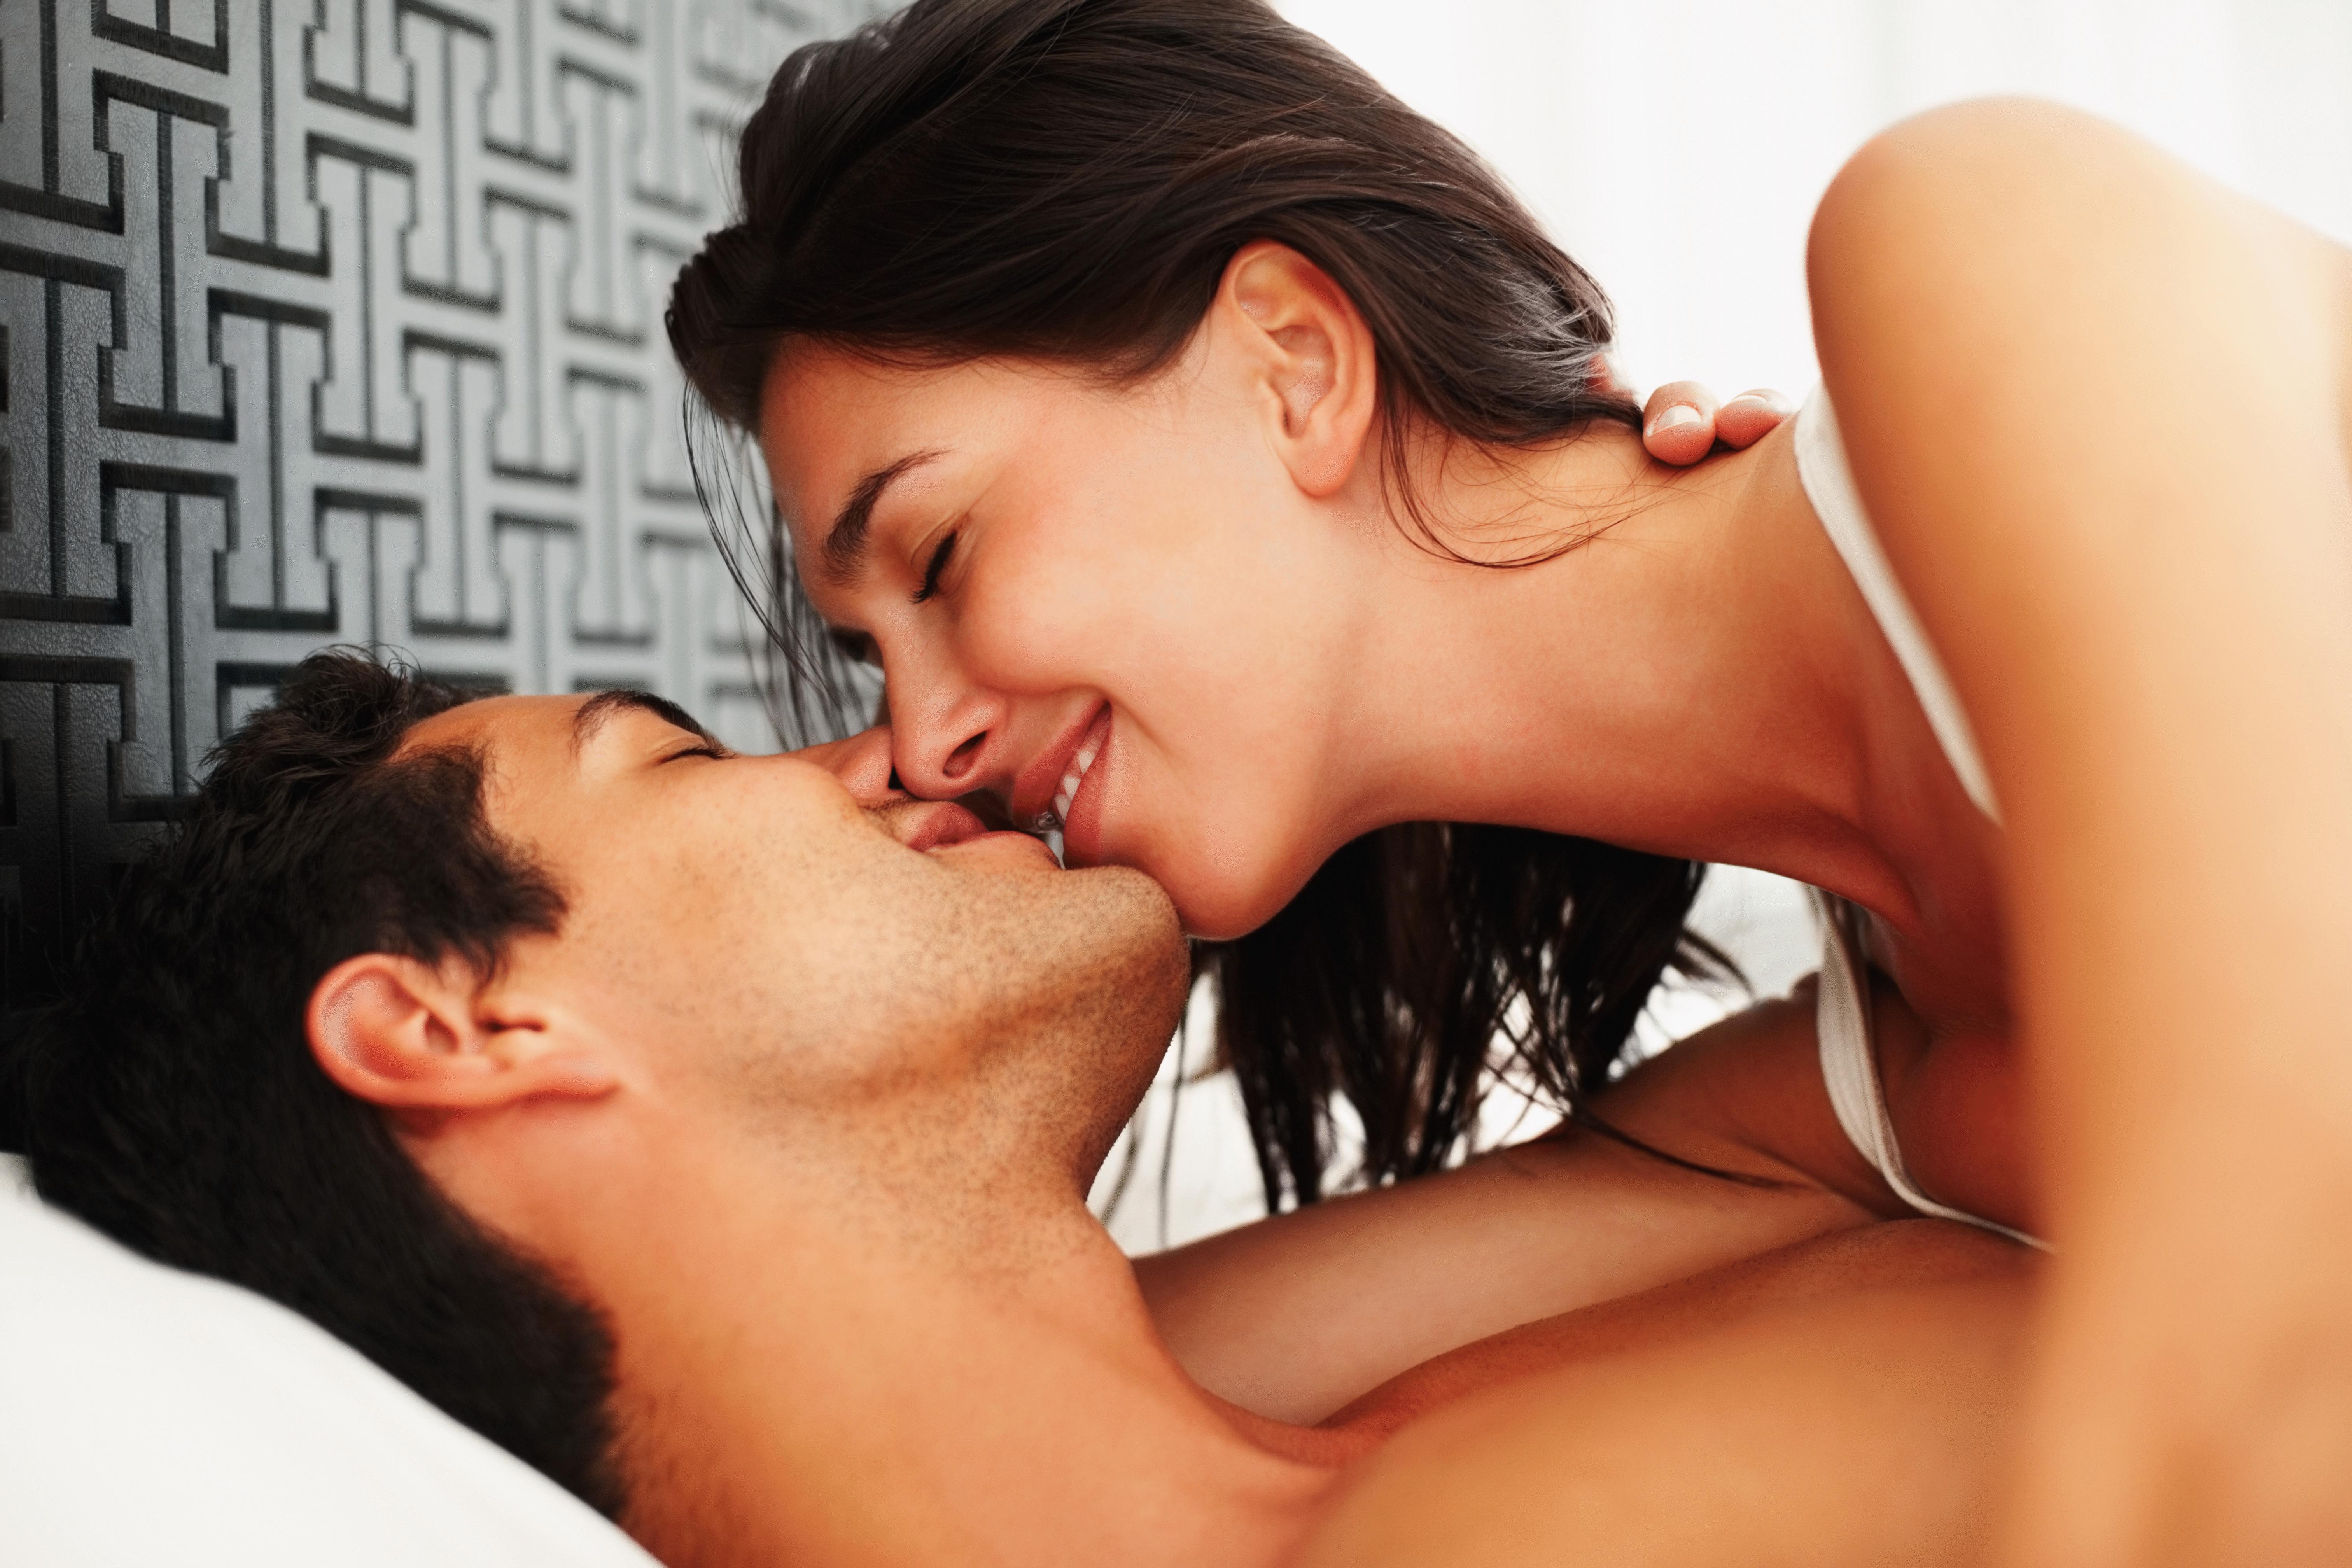 Типы сексуальных отношений, Типы сексуальных отношений. Хиромантия 27 фотография